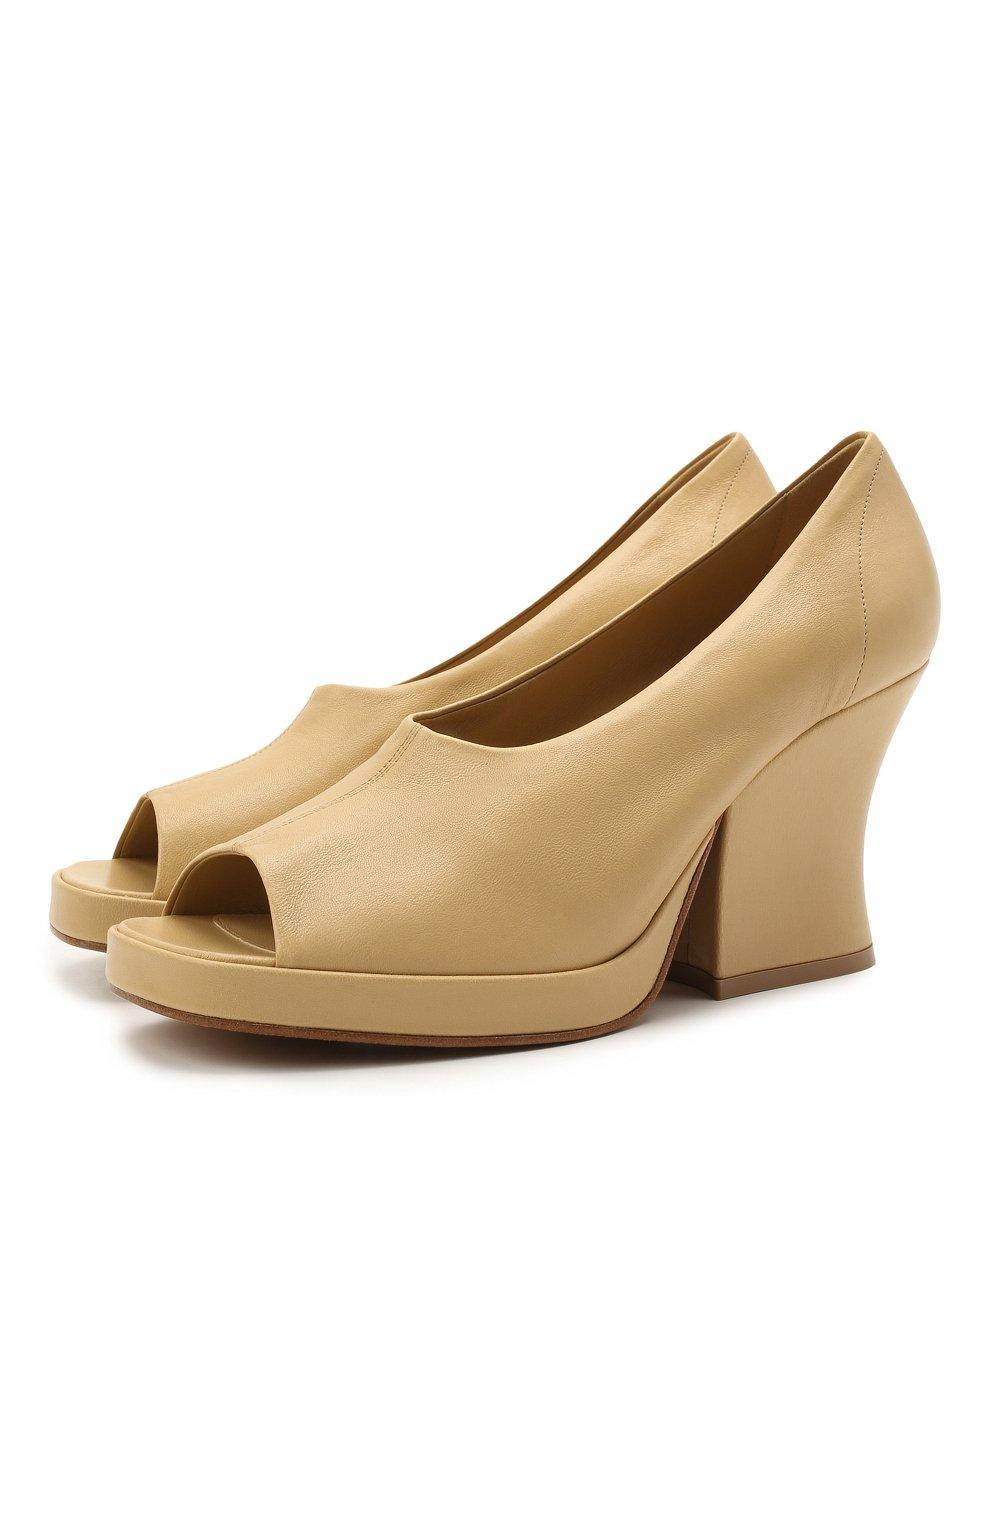 Женские кожаные туфли stack BOTTEGA VENETA бежевого цвета, арт. 658959/VBP40   Фото 1 (Подошва: Платформа; Каблук высота: Высокий; Материал внутренний: Натуральная кожа; Каблук тип: Устойчивый)